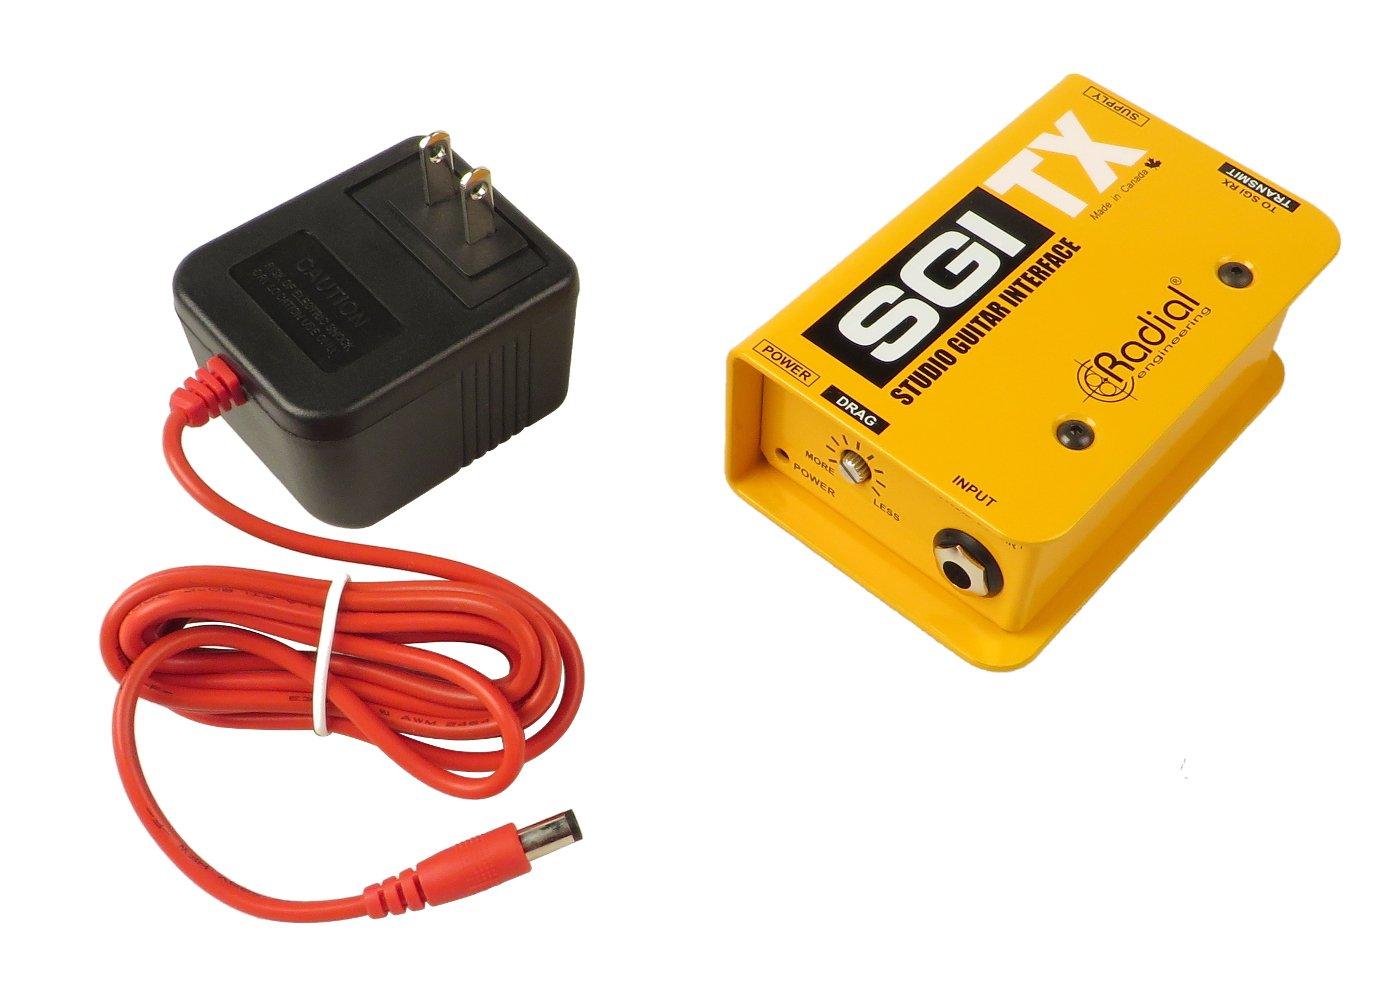 Transmitter for SGI TX